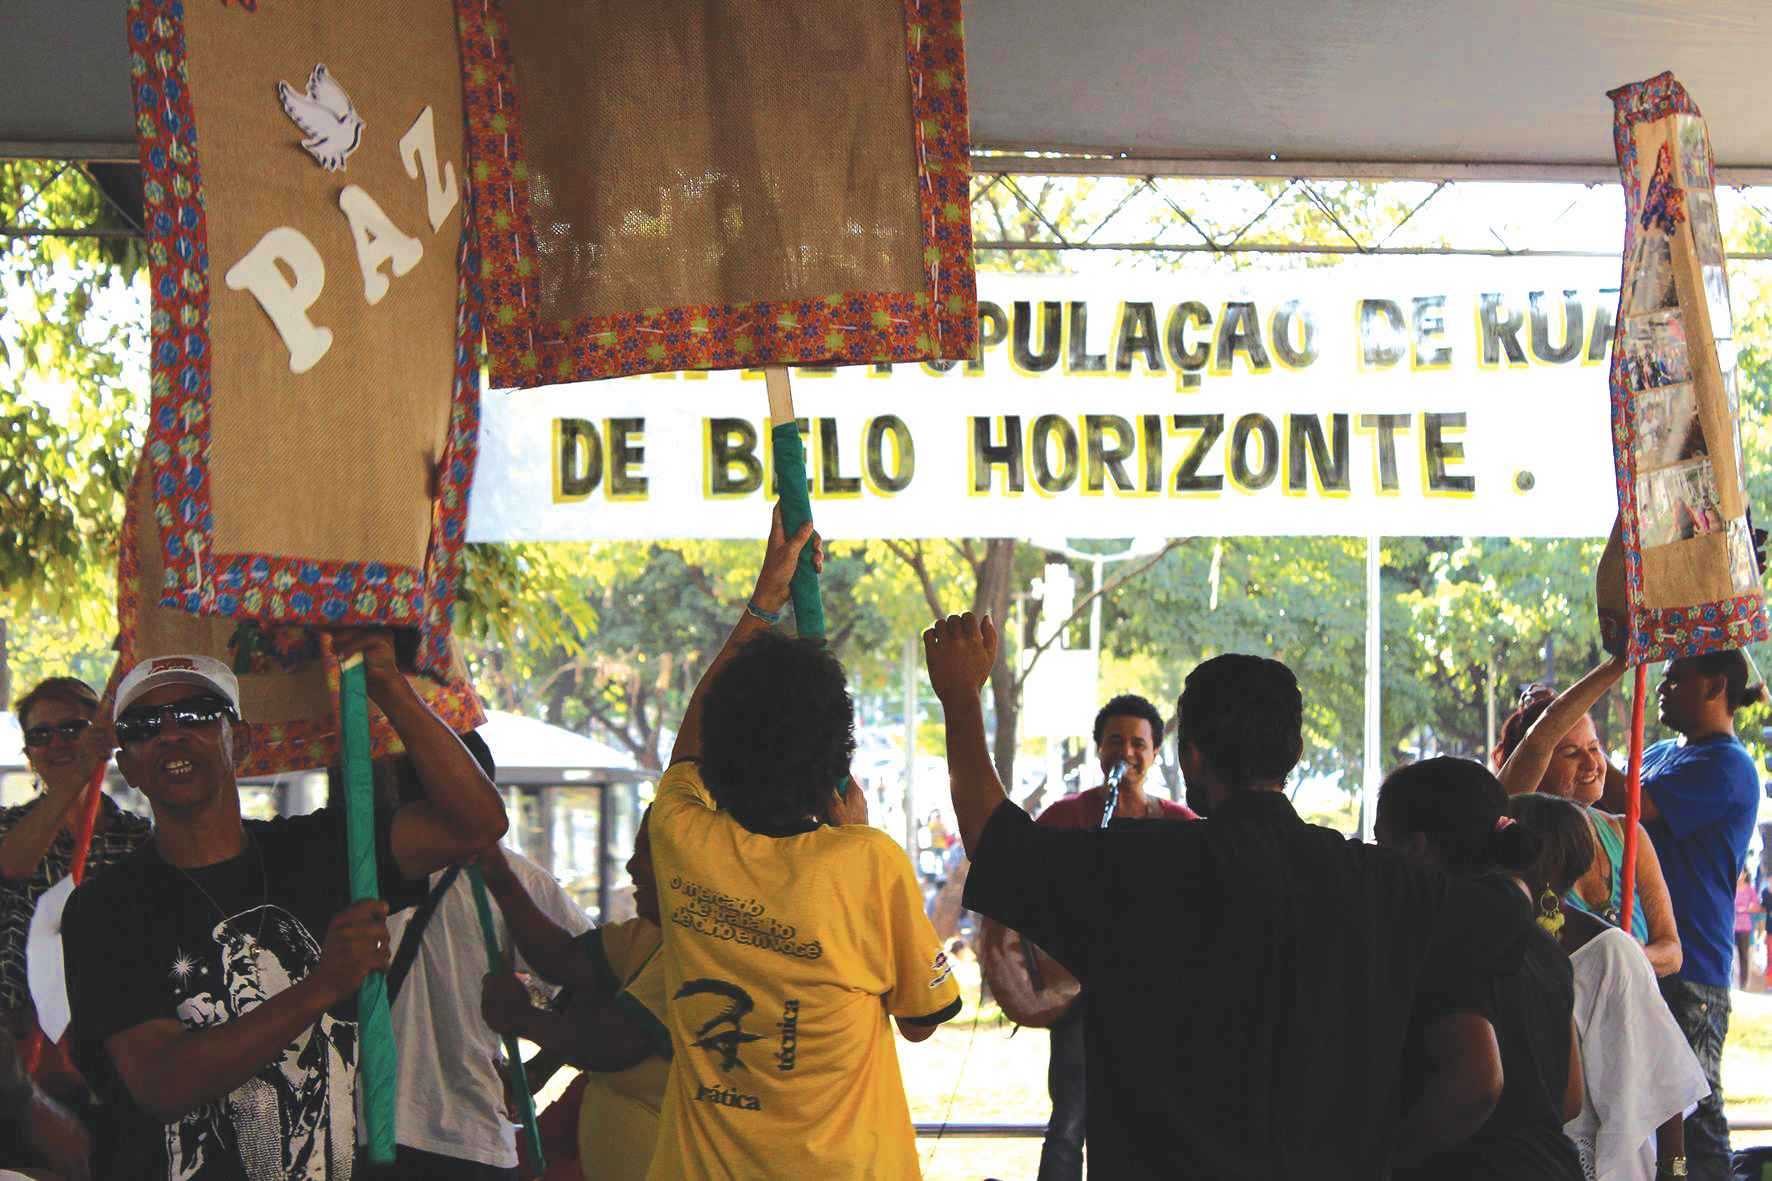 Manifestação apoiada pelo Polos de Cidadania: ações em BH e no interior de Minas Gerais